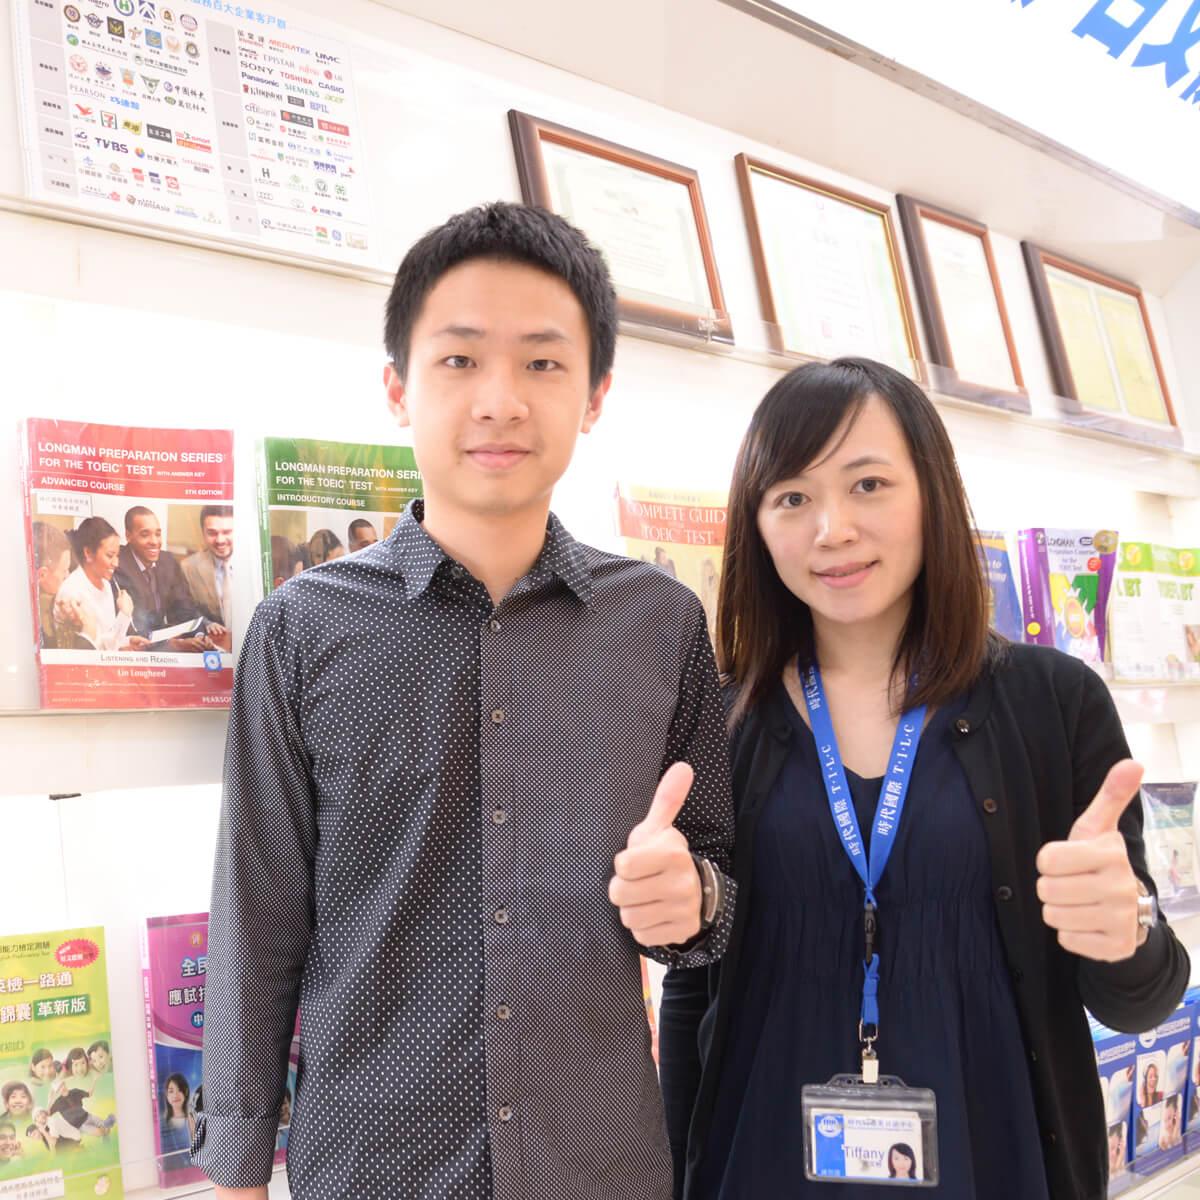 英文會話,學英文,英文補習班,多益,多益考試